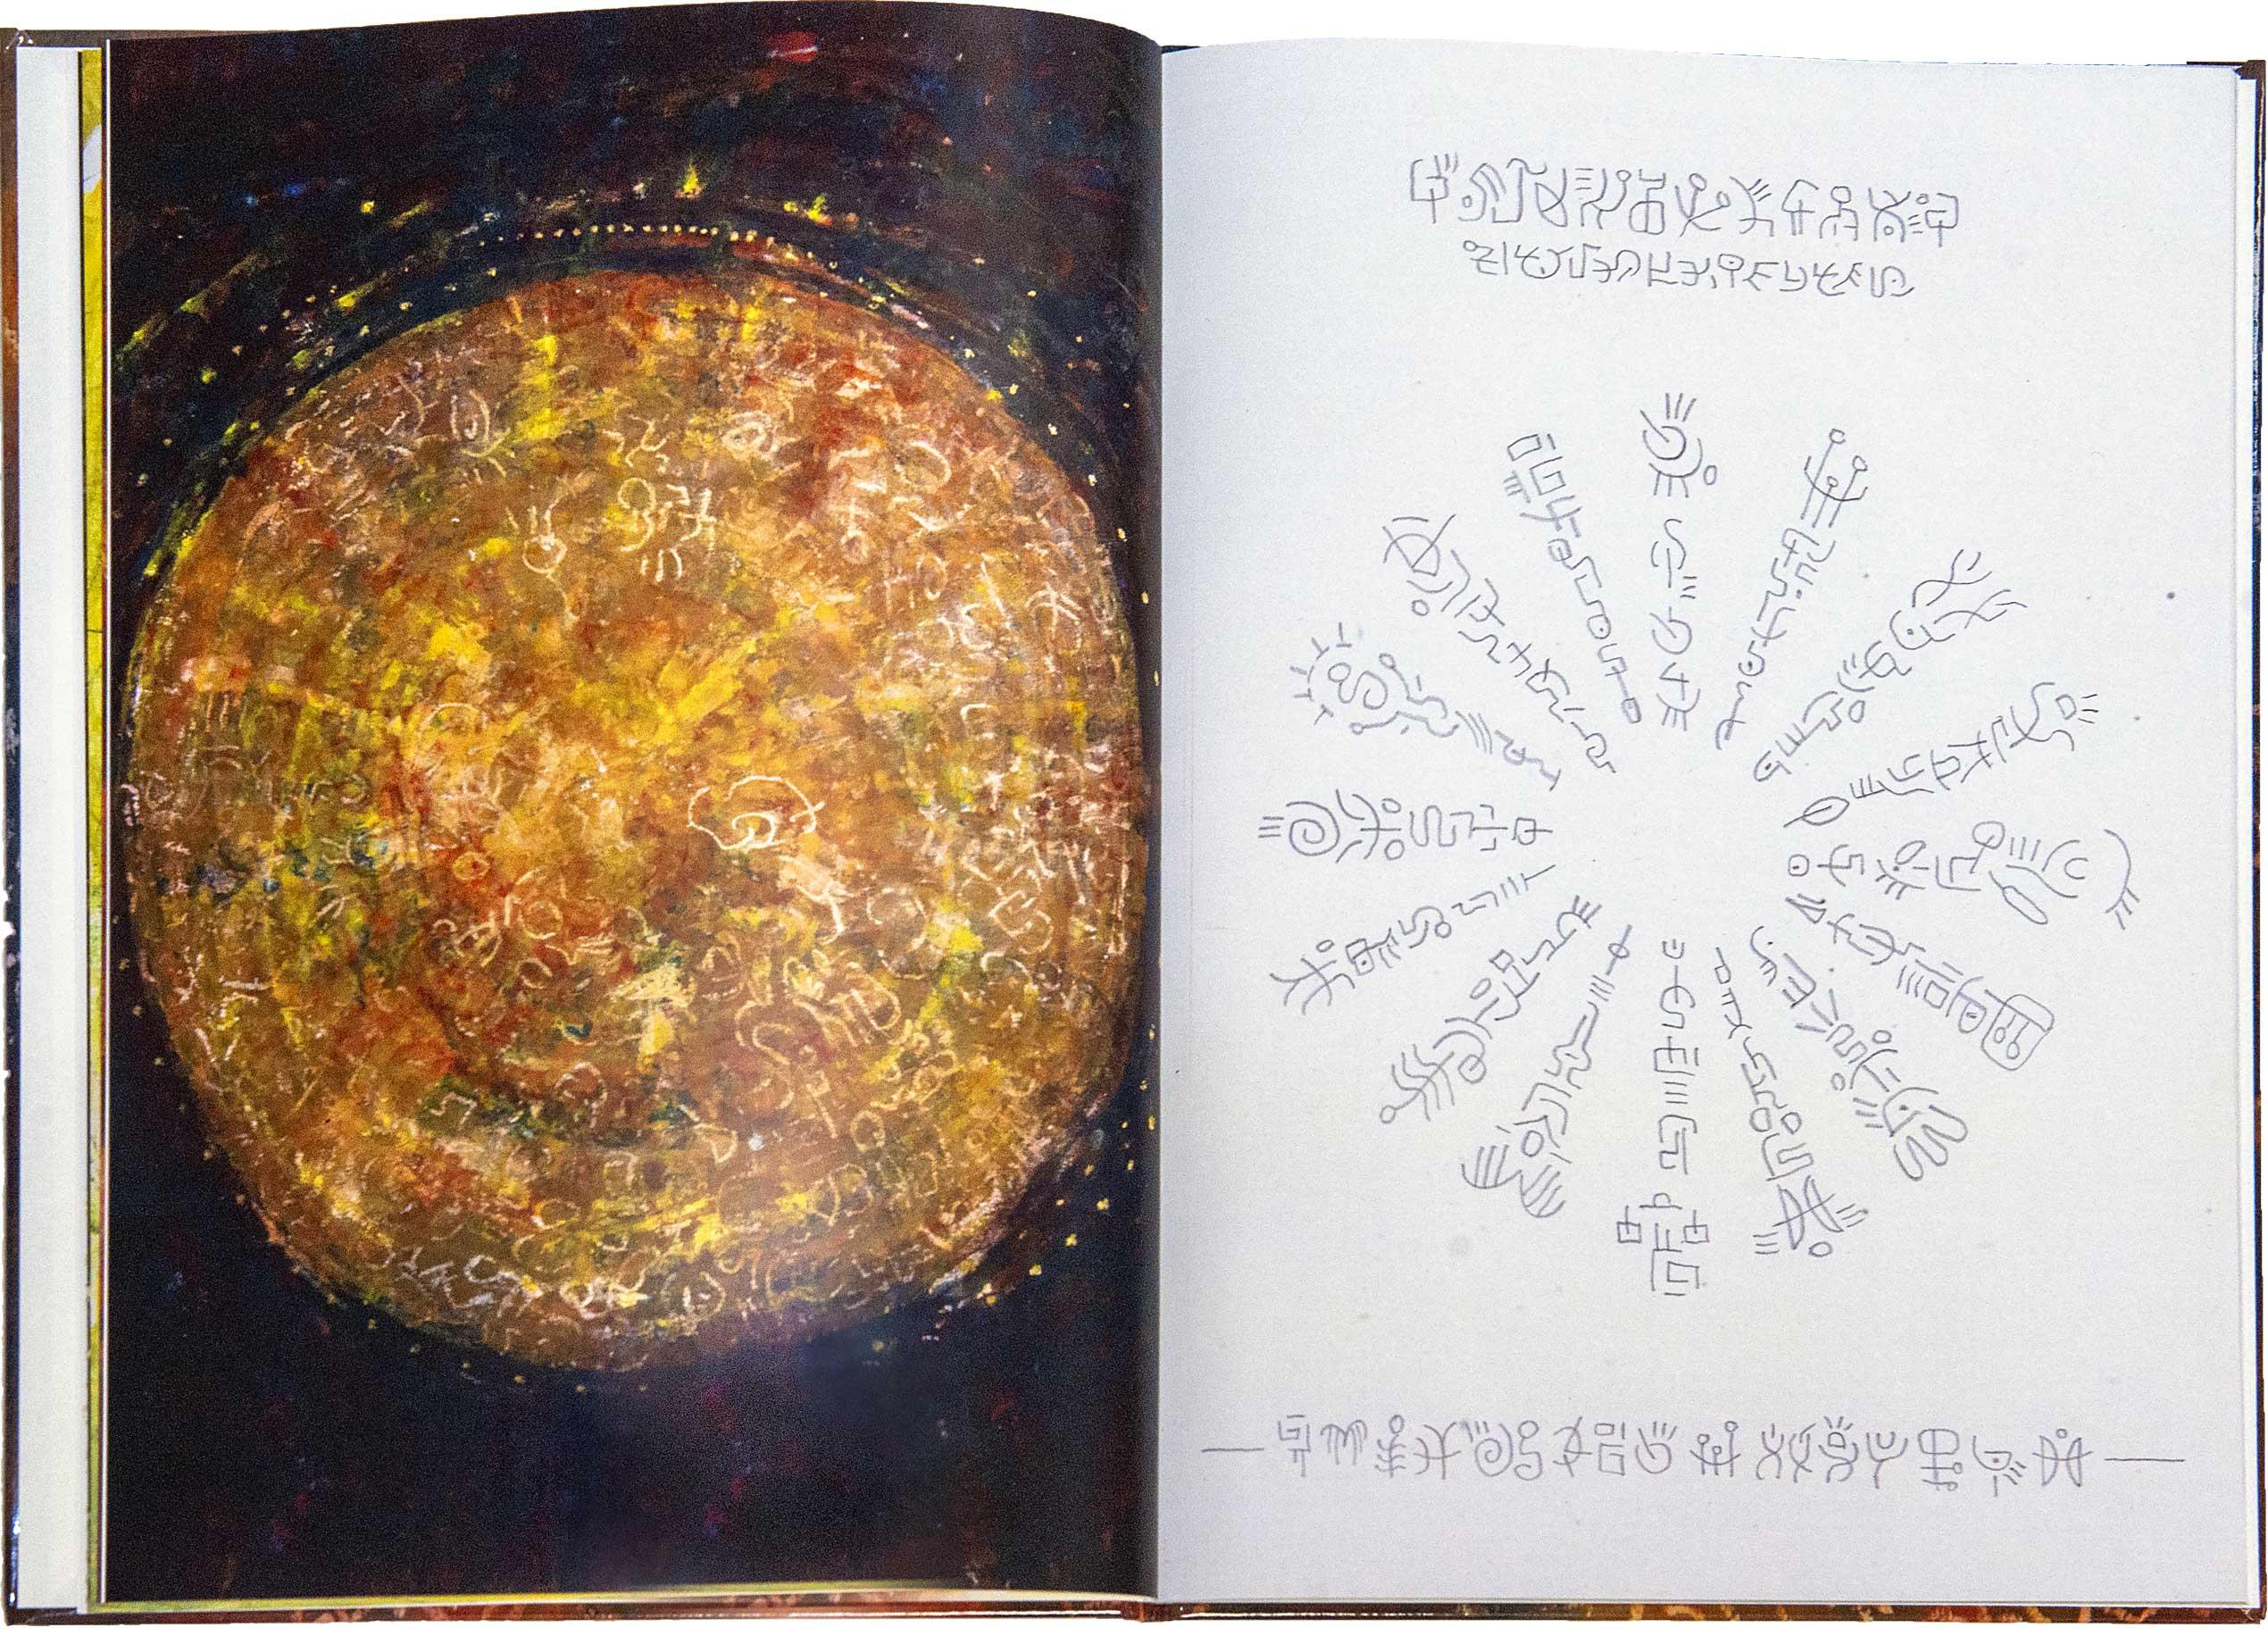 """Doppelseite 16/17 aus dem Buch """"Orm-Art – Vorlagen zur Intuition"""""""